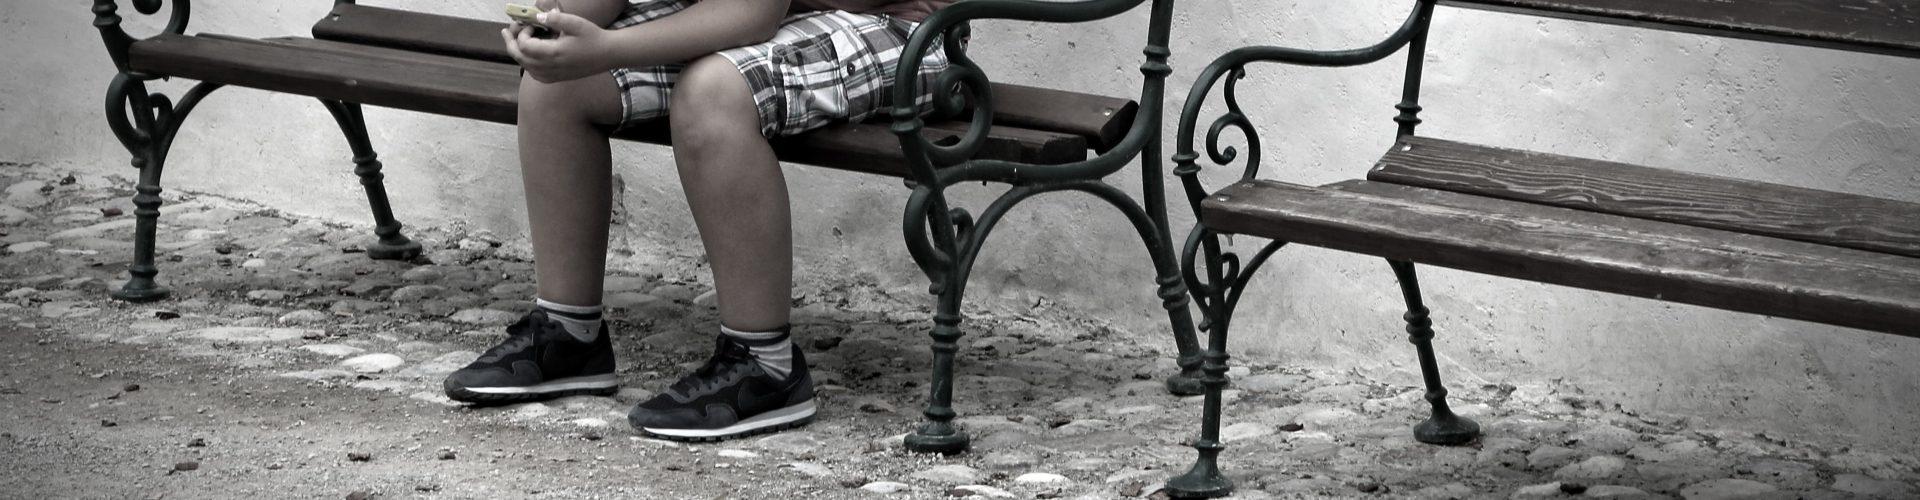 Giovani senza lavoro cosa fare: Garanzia Giovani funziona?